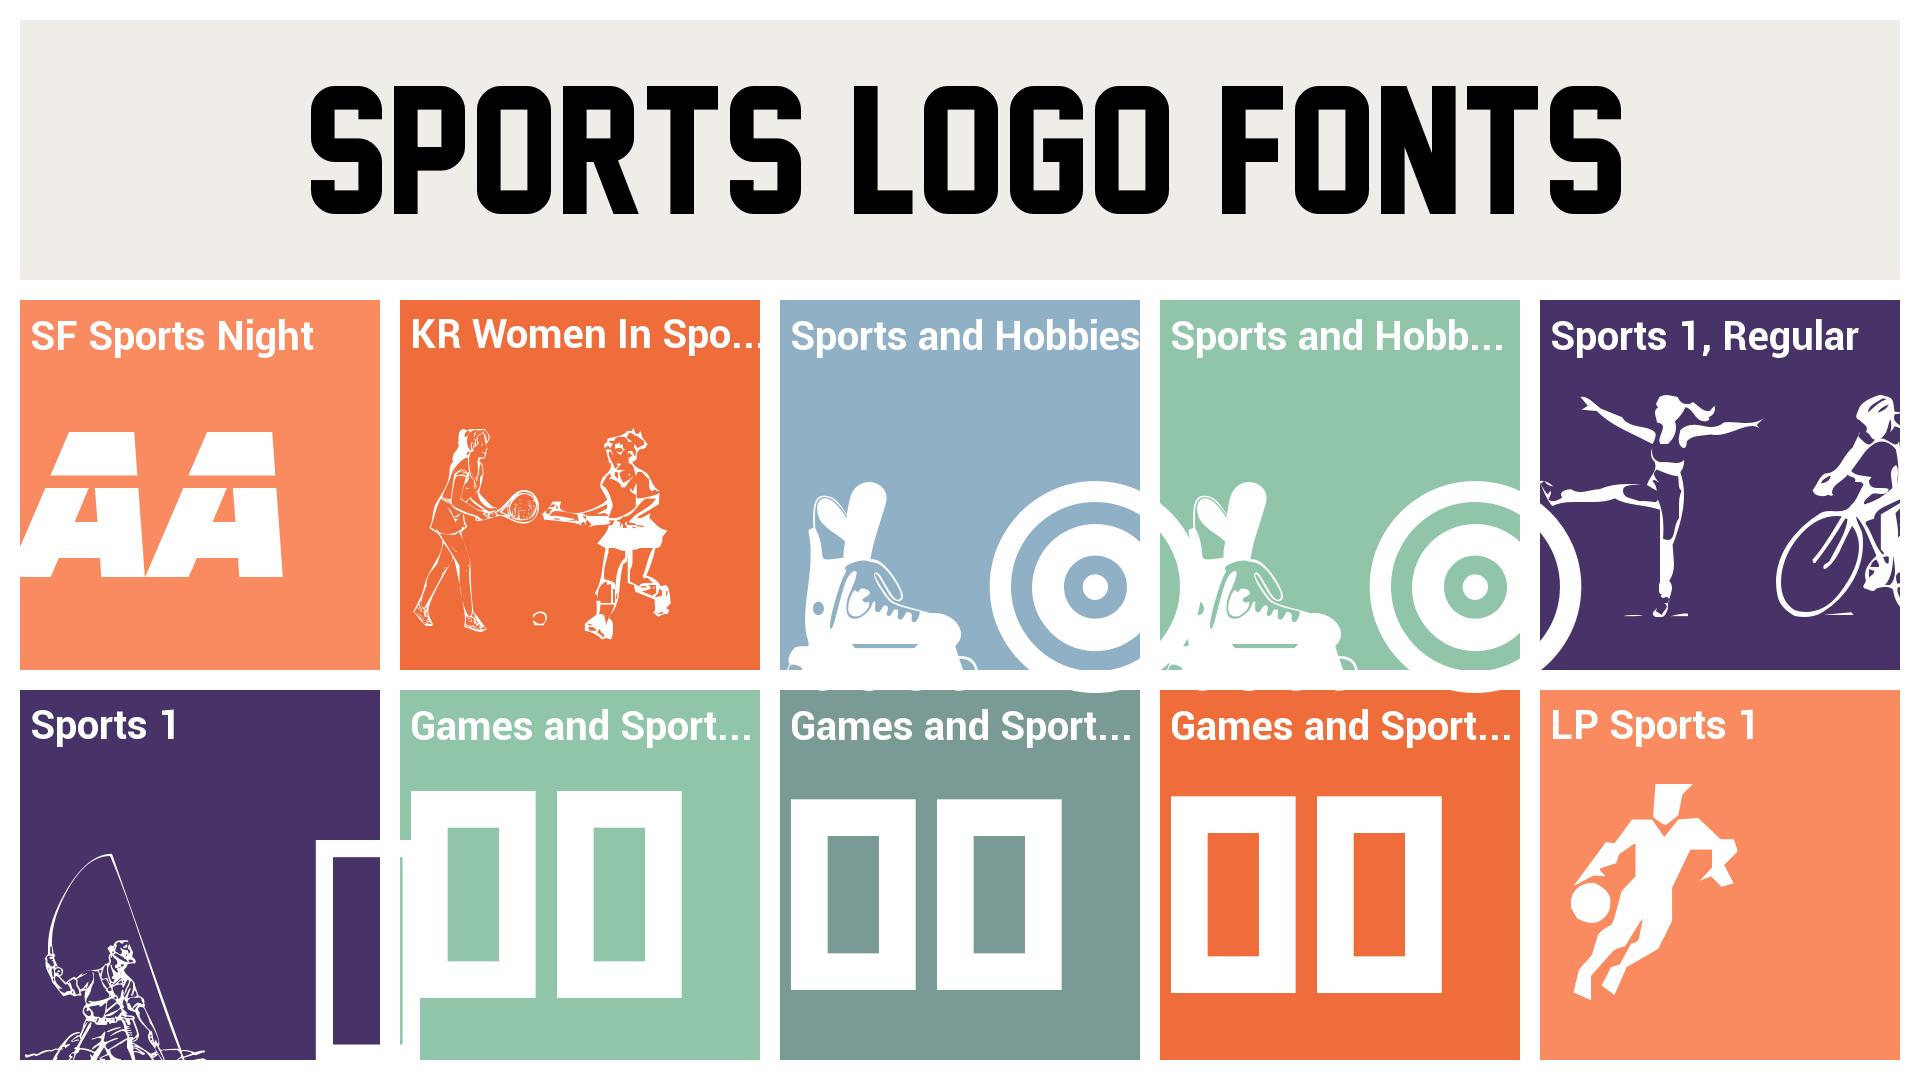 sports logo fonts.